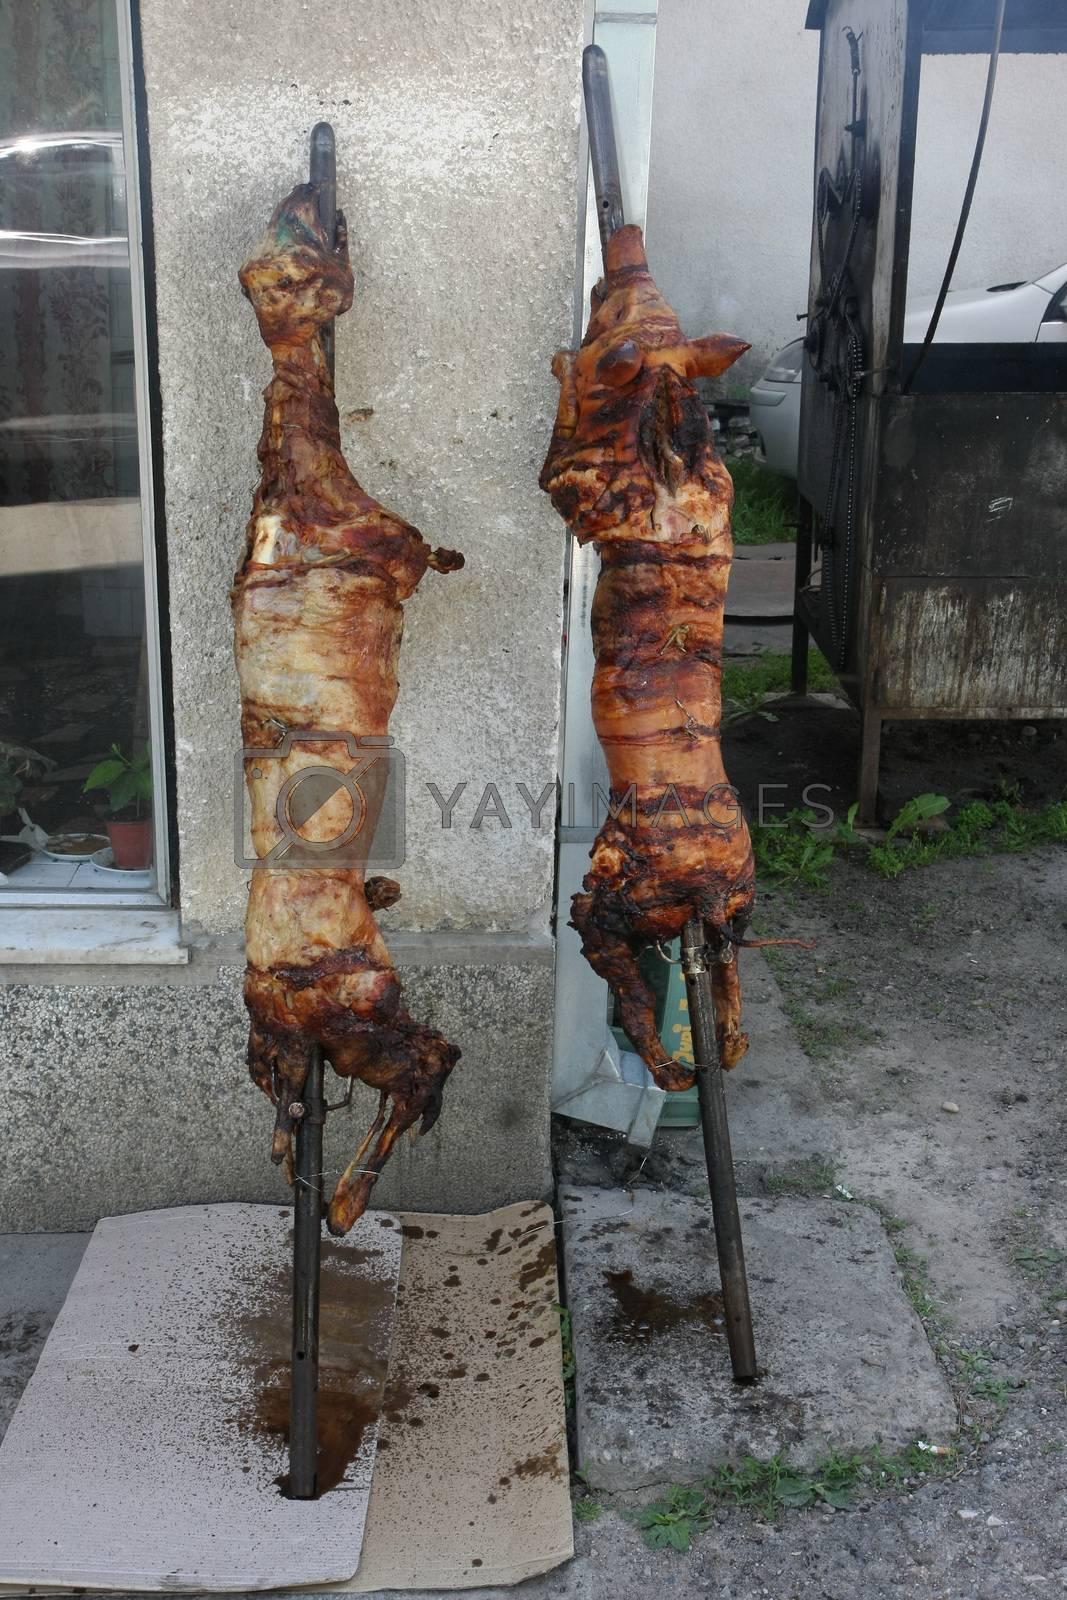 Pigs baked on skewer by tdjoric